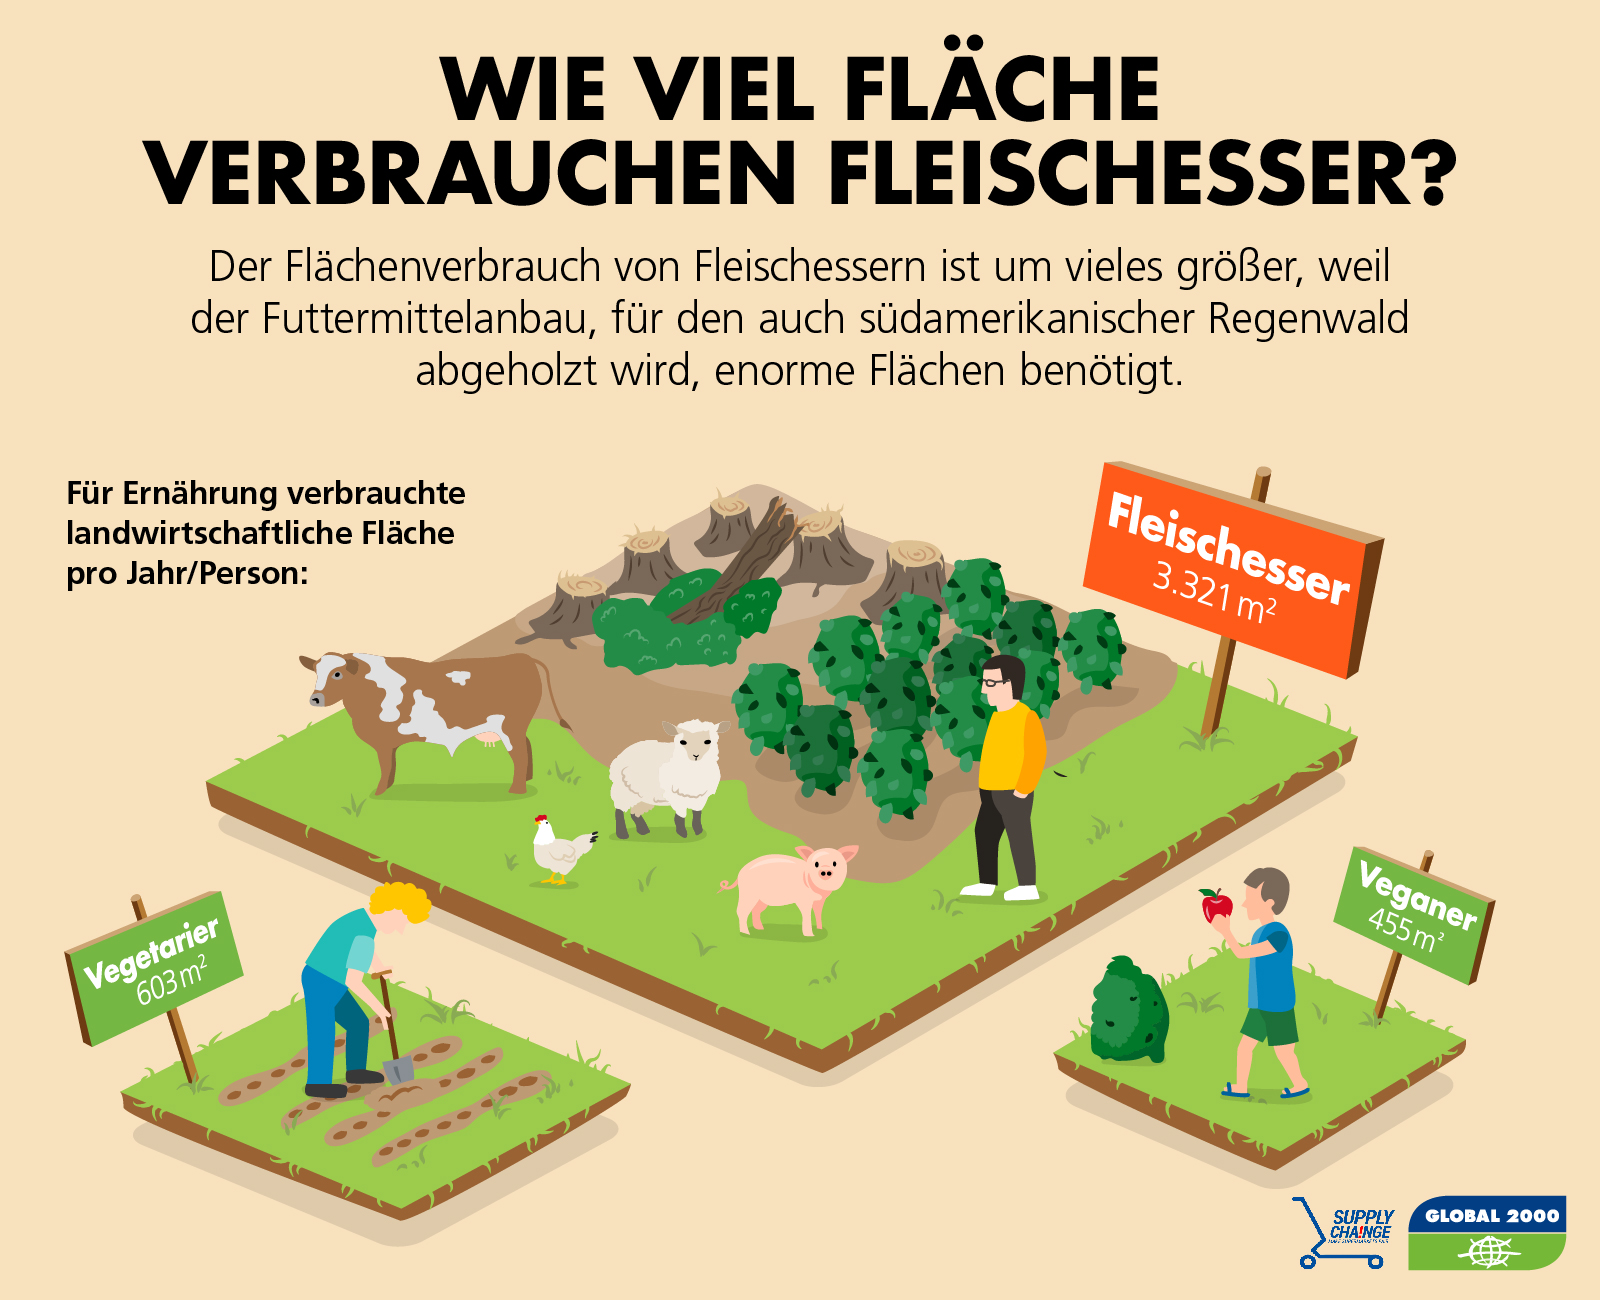 Flächenverbrauch von Fleischessern vs. Vegetariern vs. Veganern